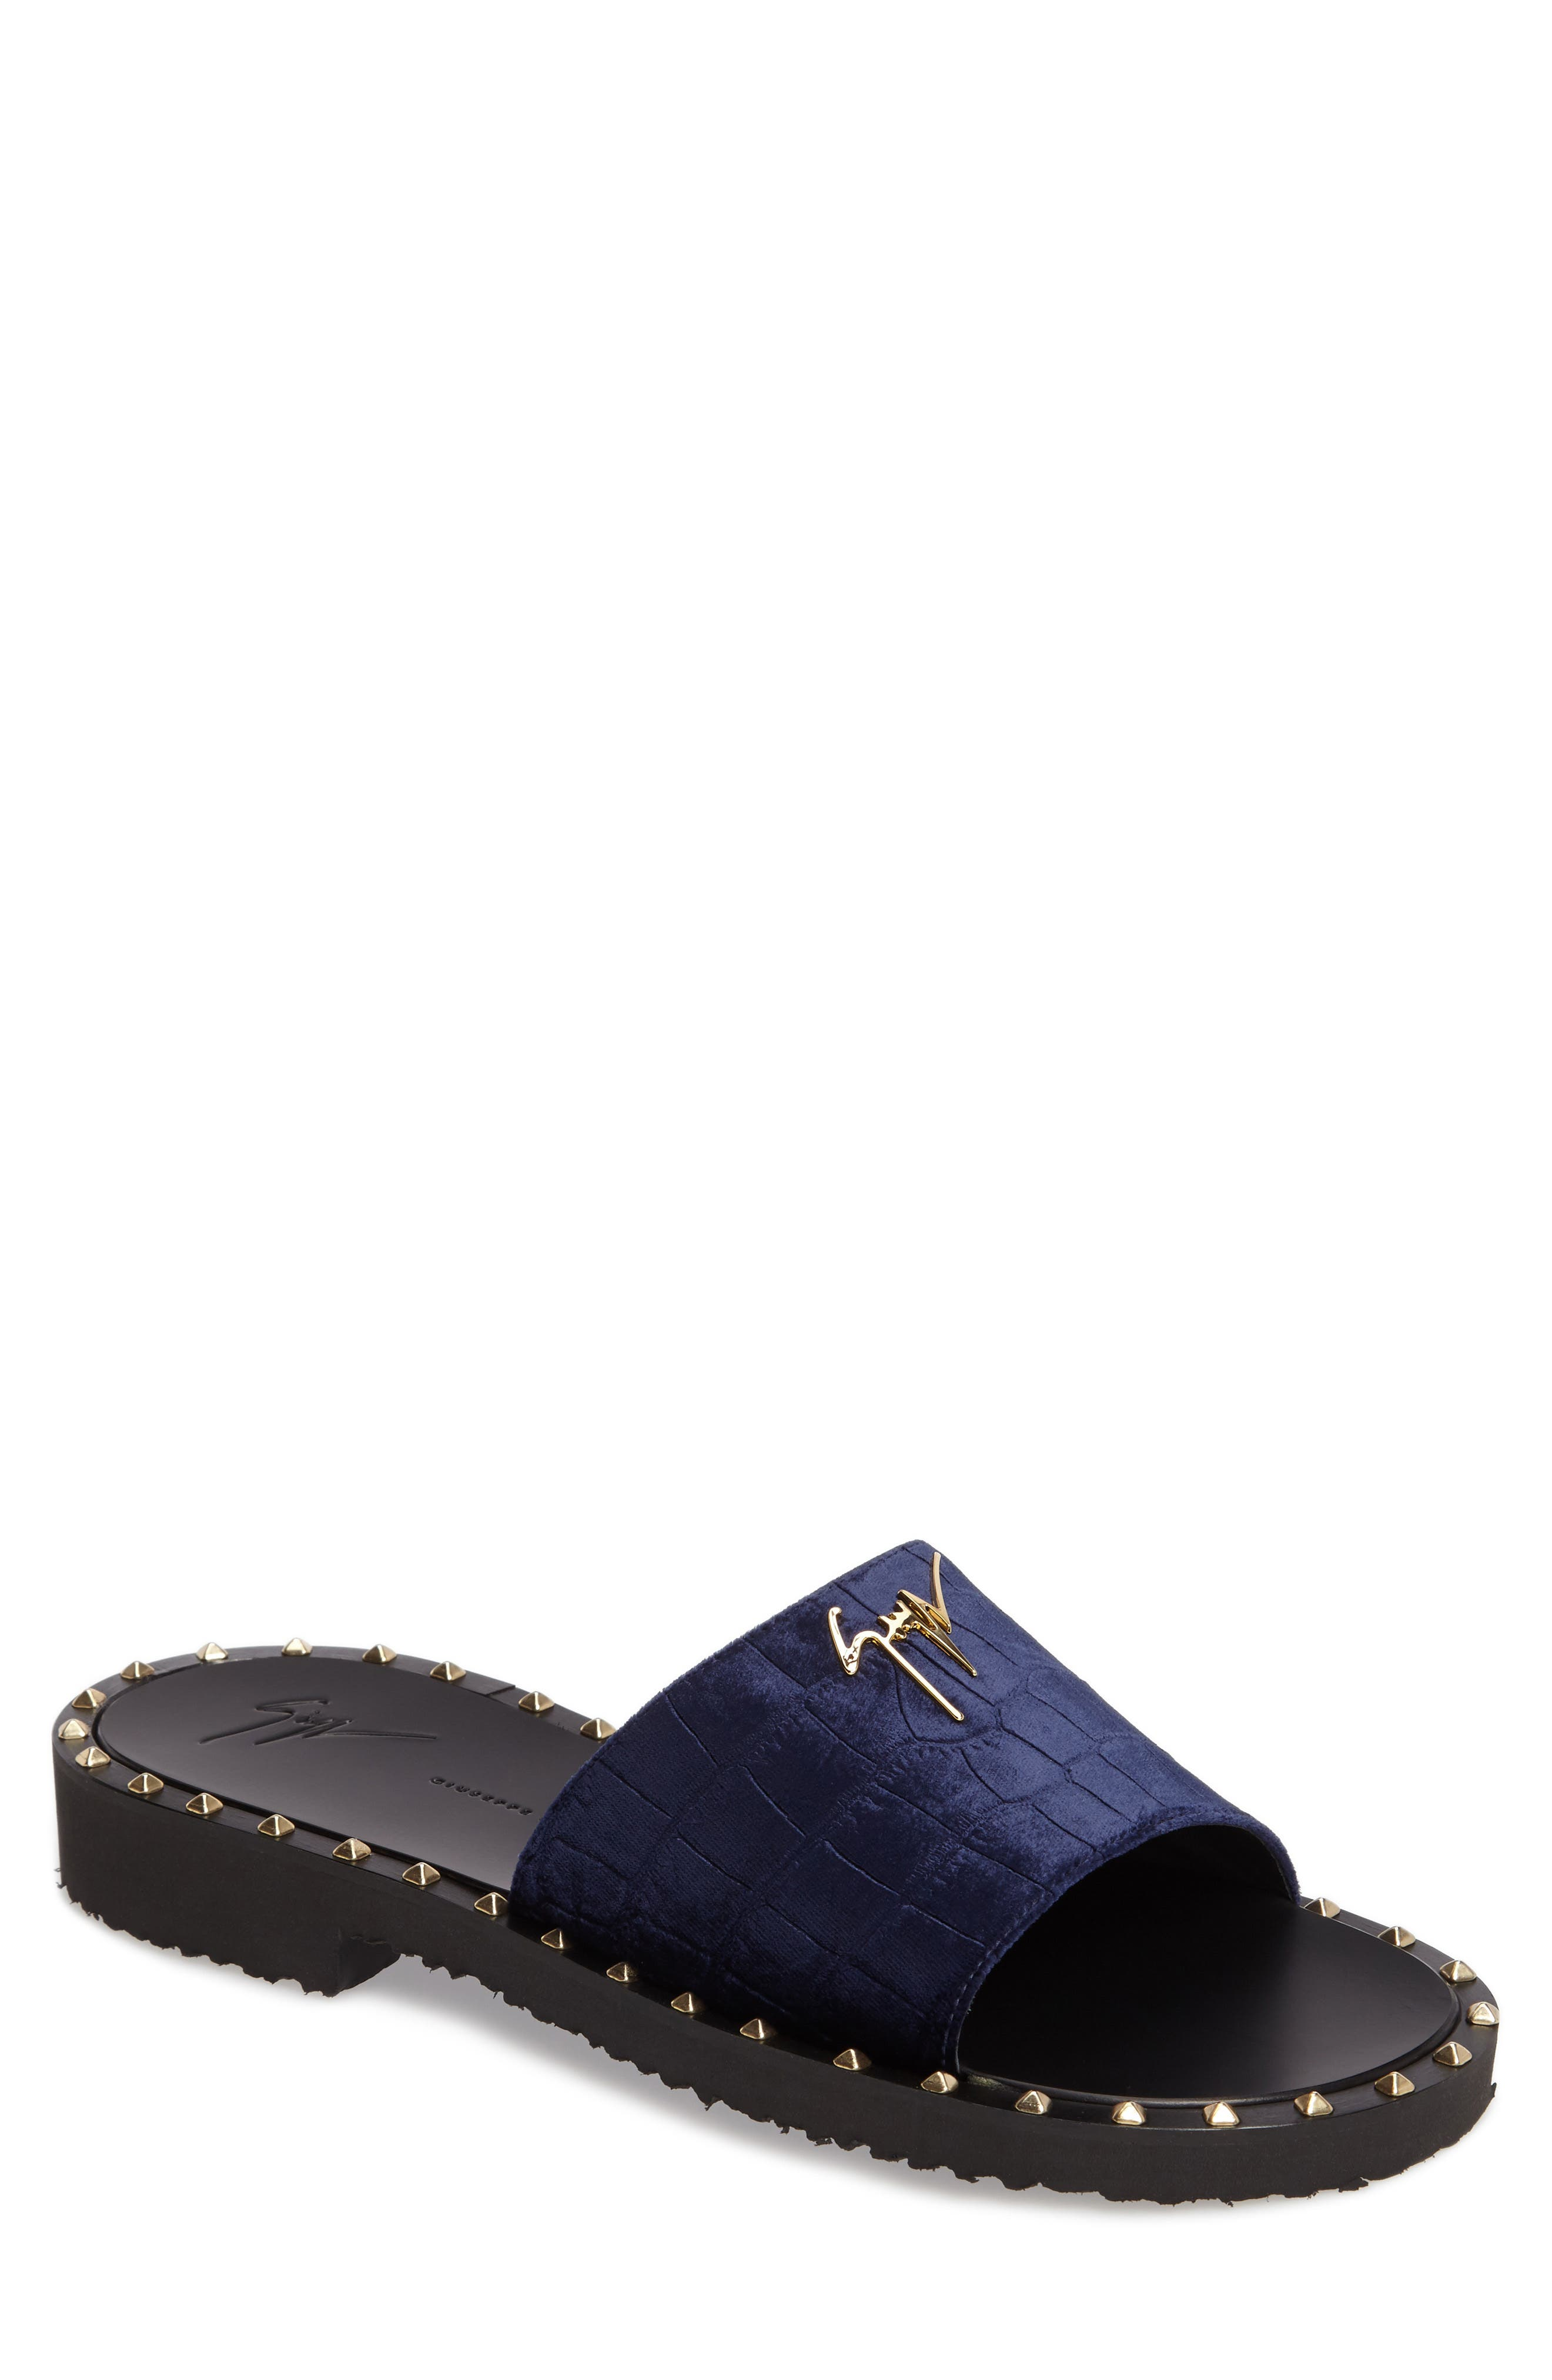 Studded Slide Sandal,                         Main,                         color, Navy